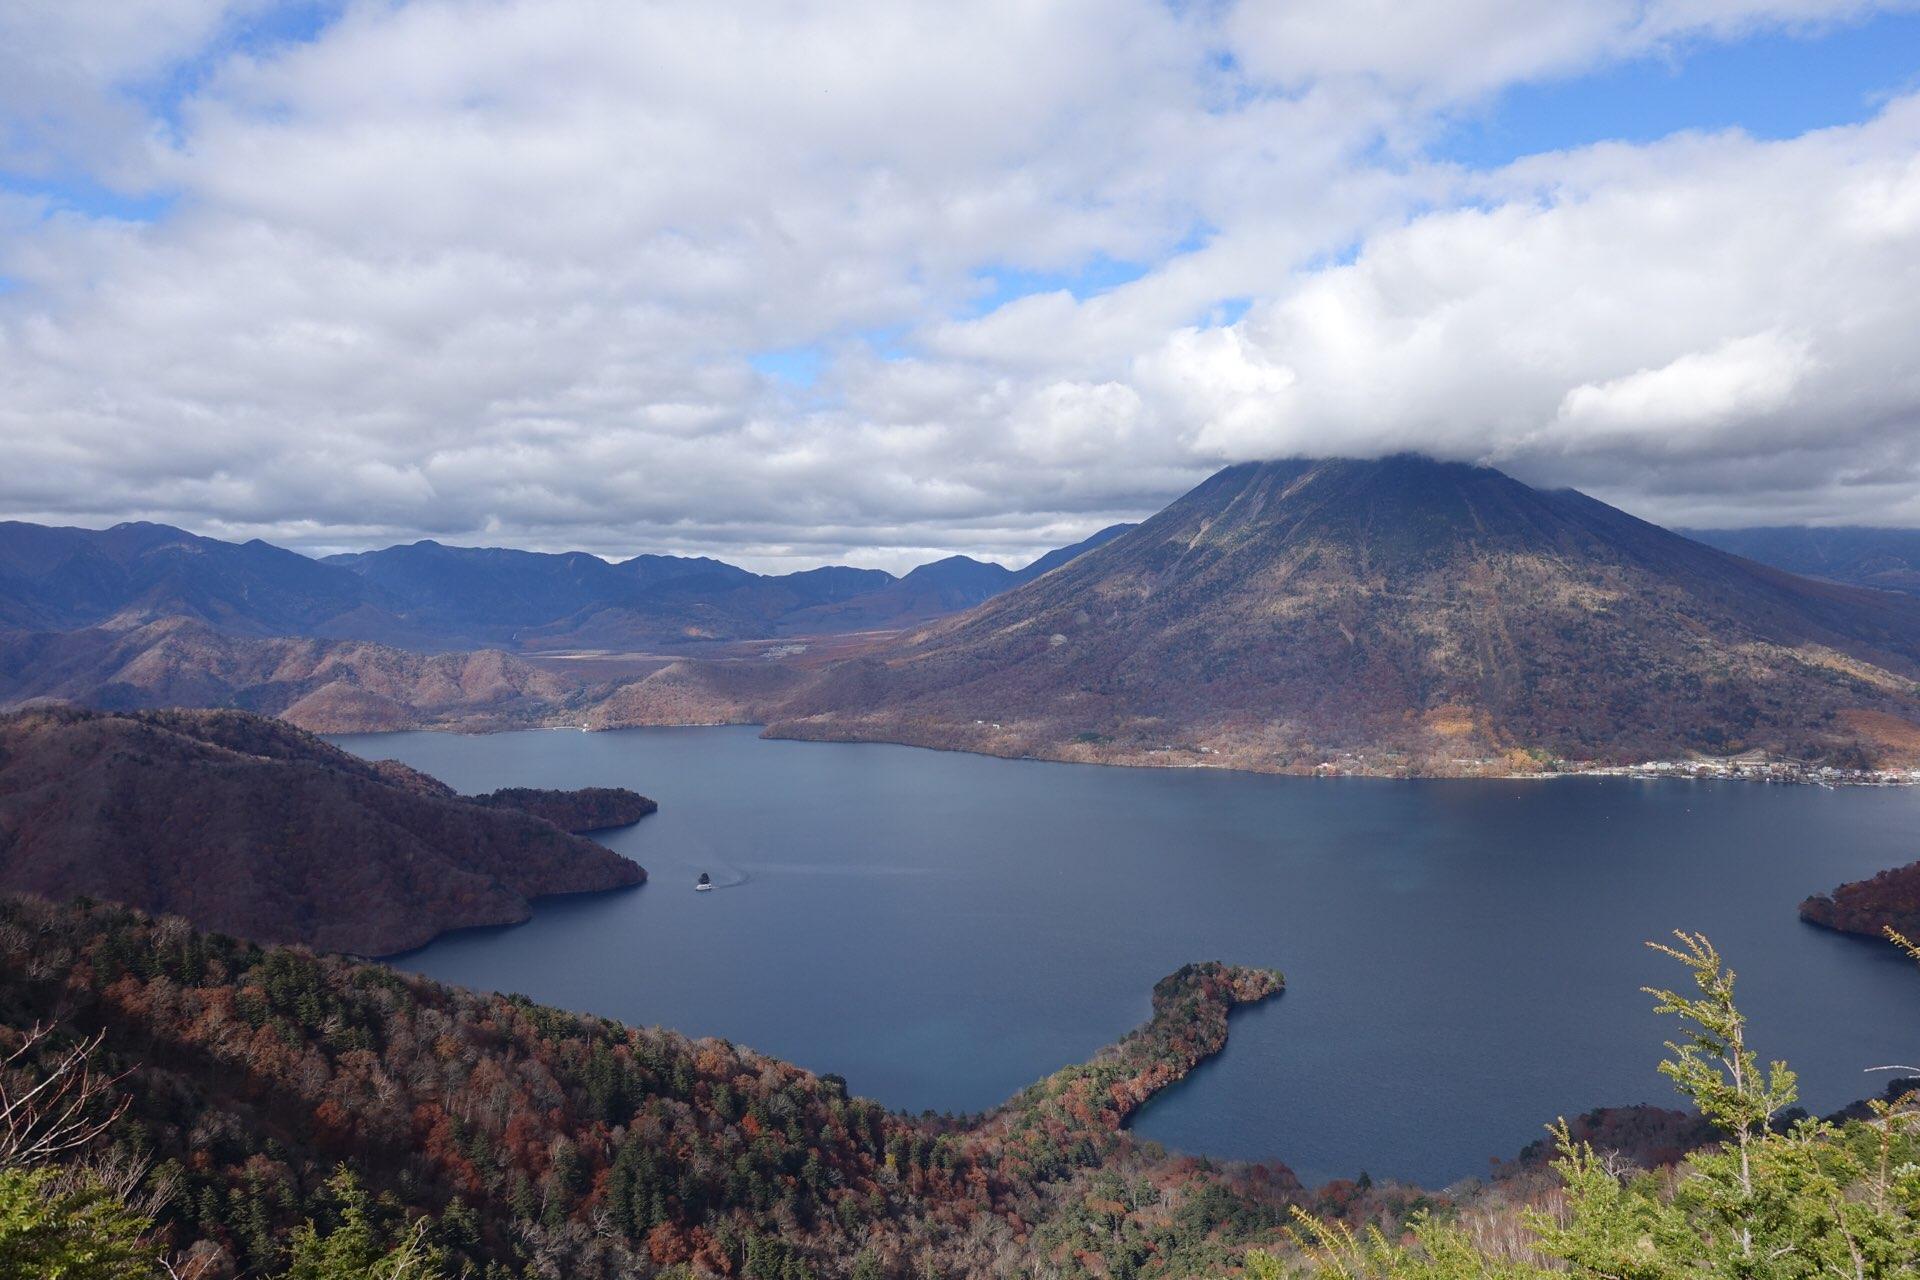 半月山展望台から眼下に広がる中禅寺湖は湖畔からみる中禅寺湖とは違った表情です